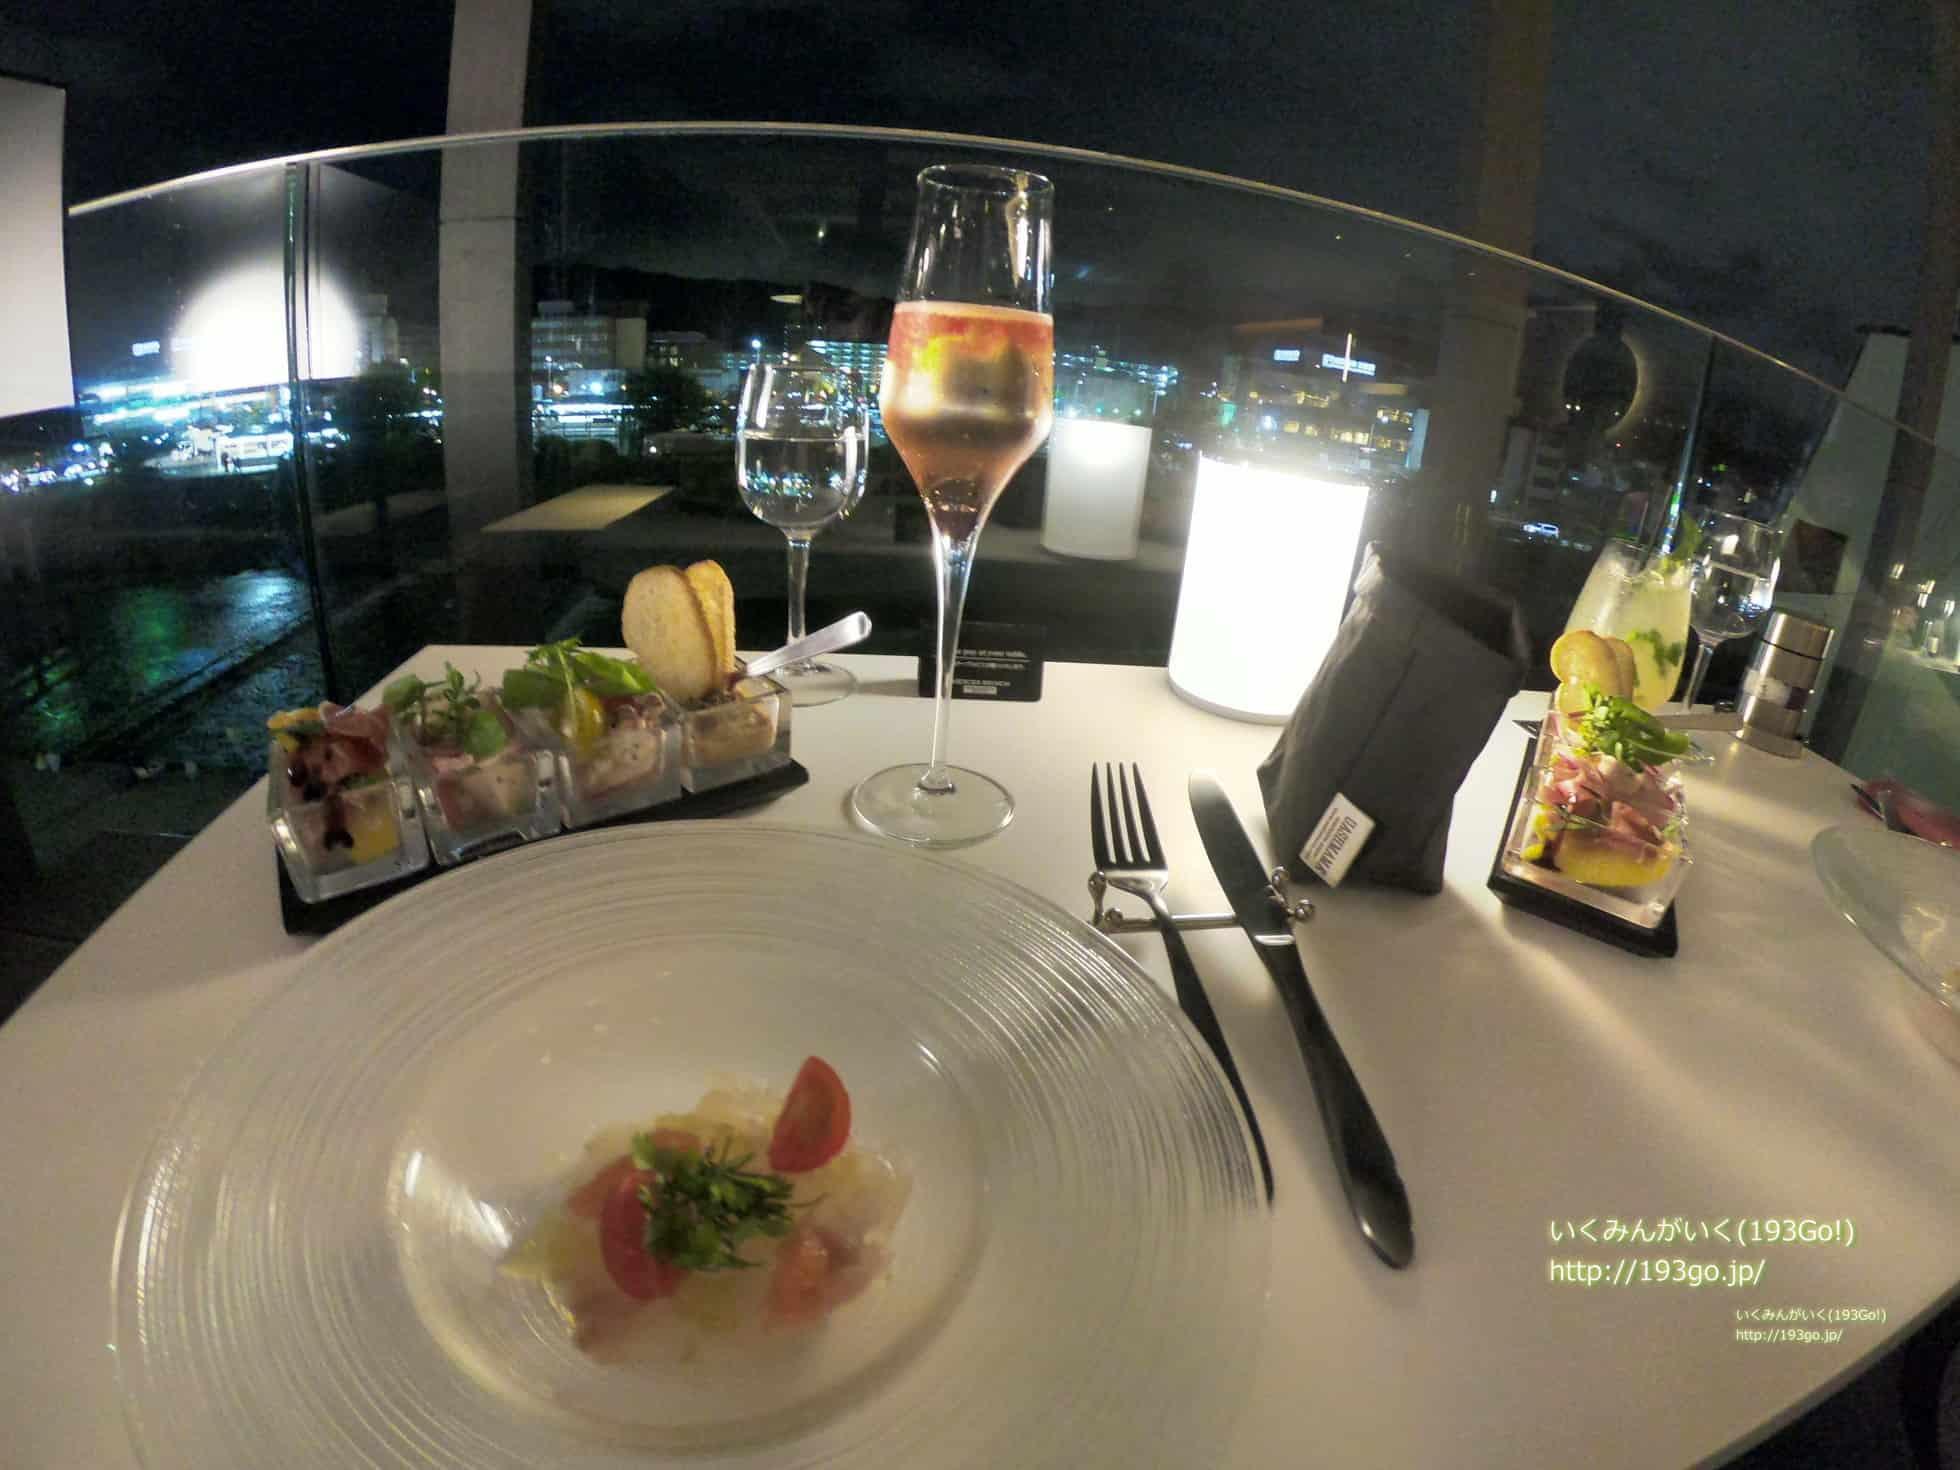 京都 鴨川沿いで、雰囲気抜群のディナー「MERCER BRUNCH (マーサーブランチ京都)」